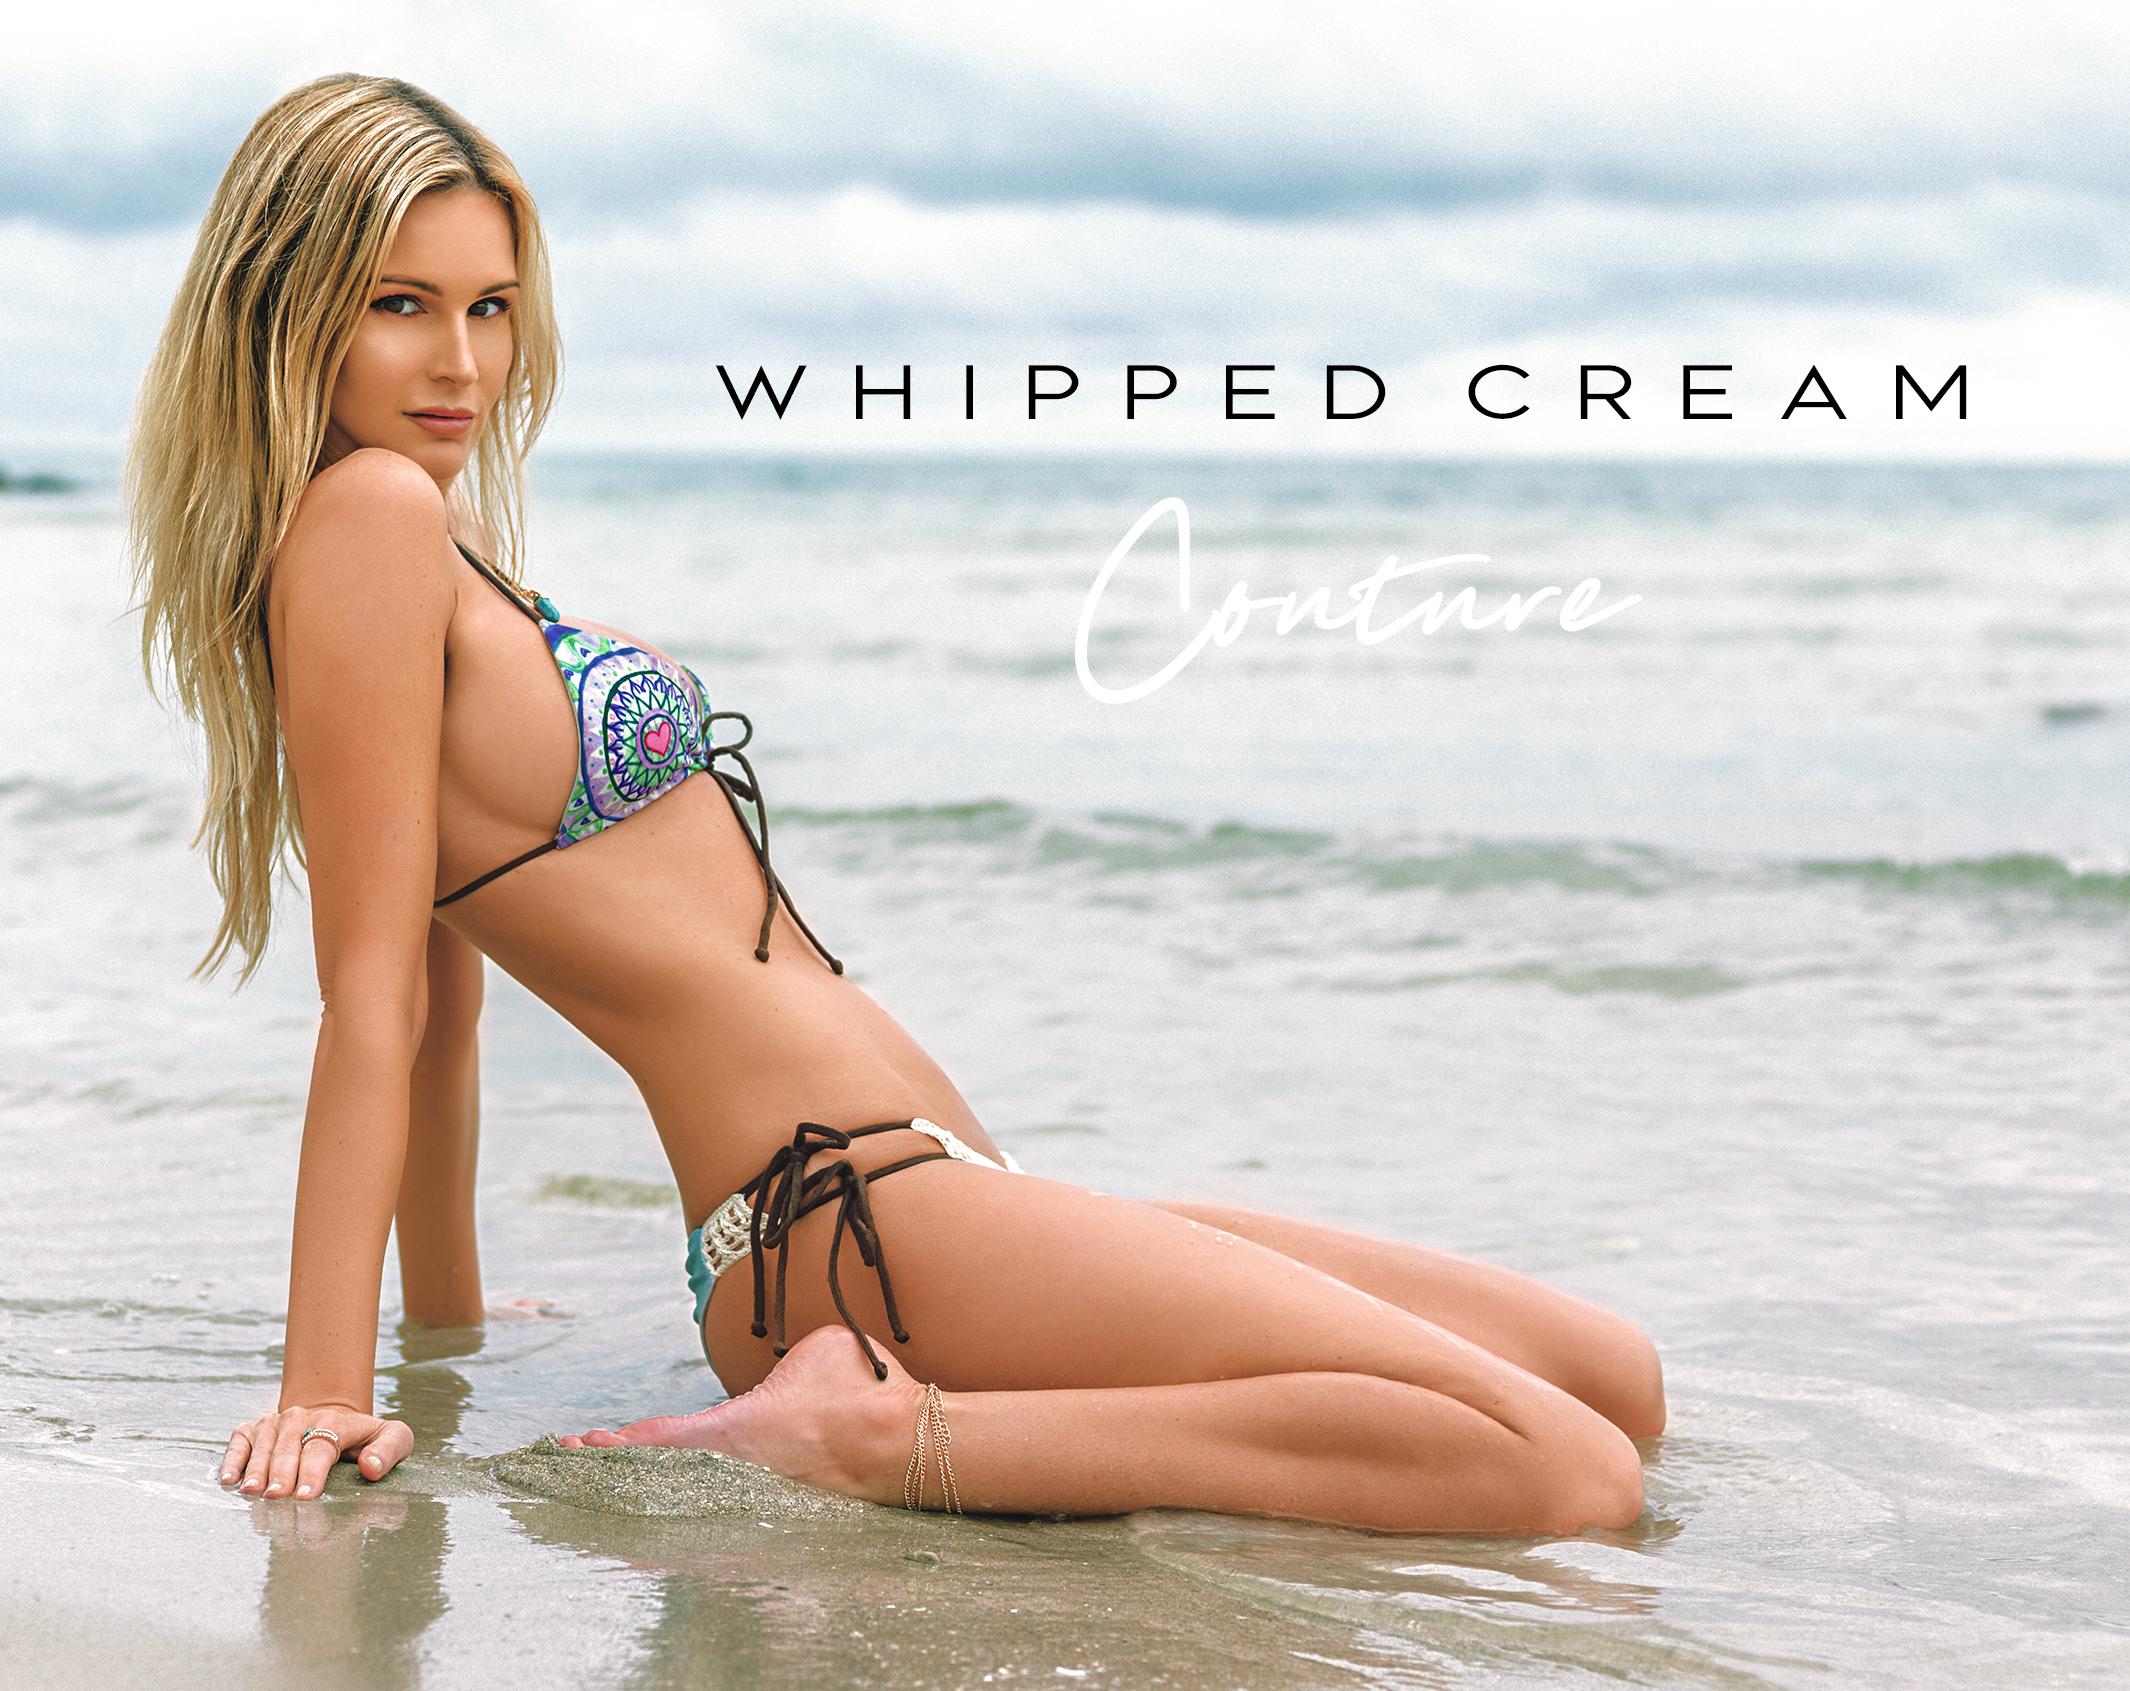 bikiniswimwearcouturewhitebikini.jpg